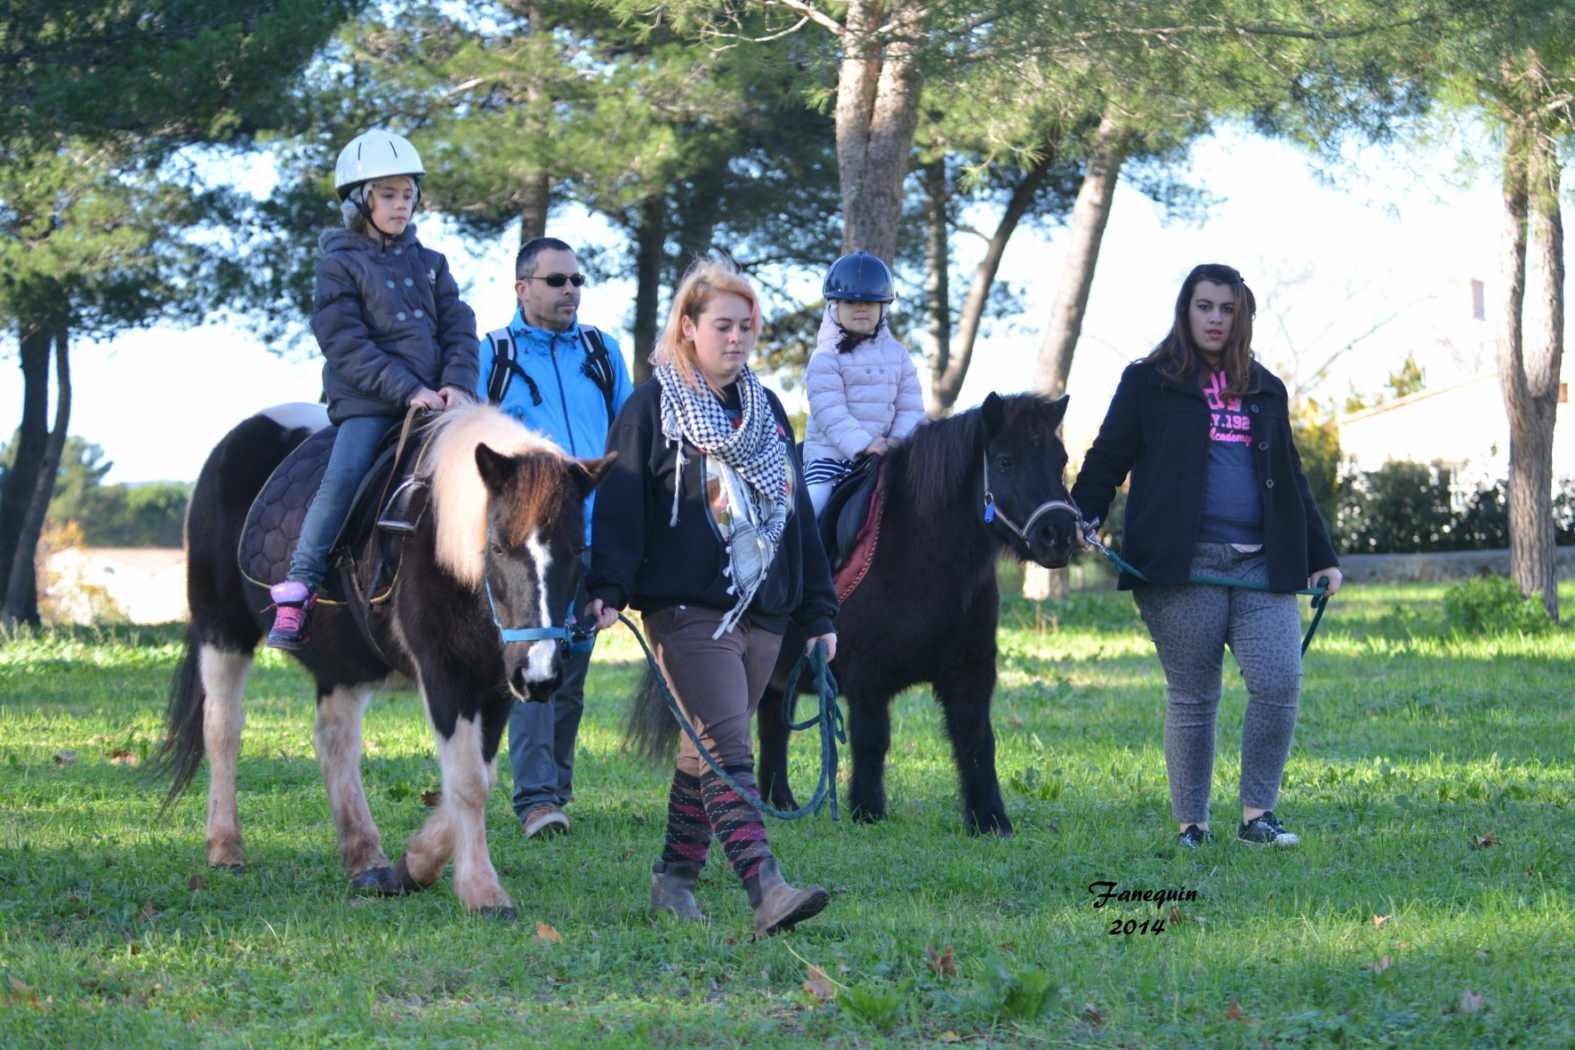 Marchés de Noël 2014 - Promenades en Poneys à Pignan - 31